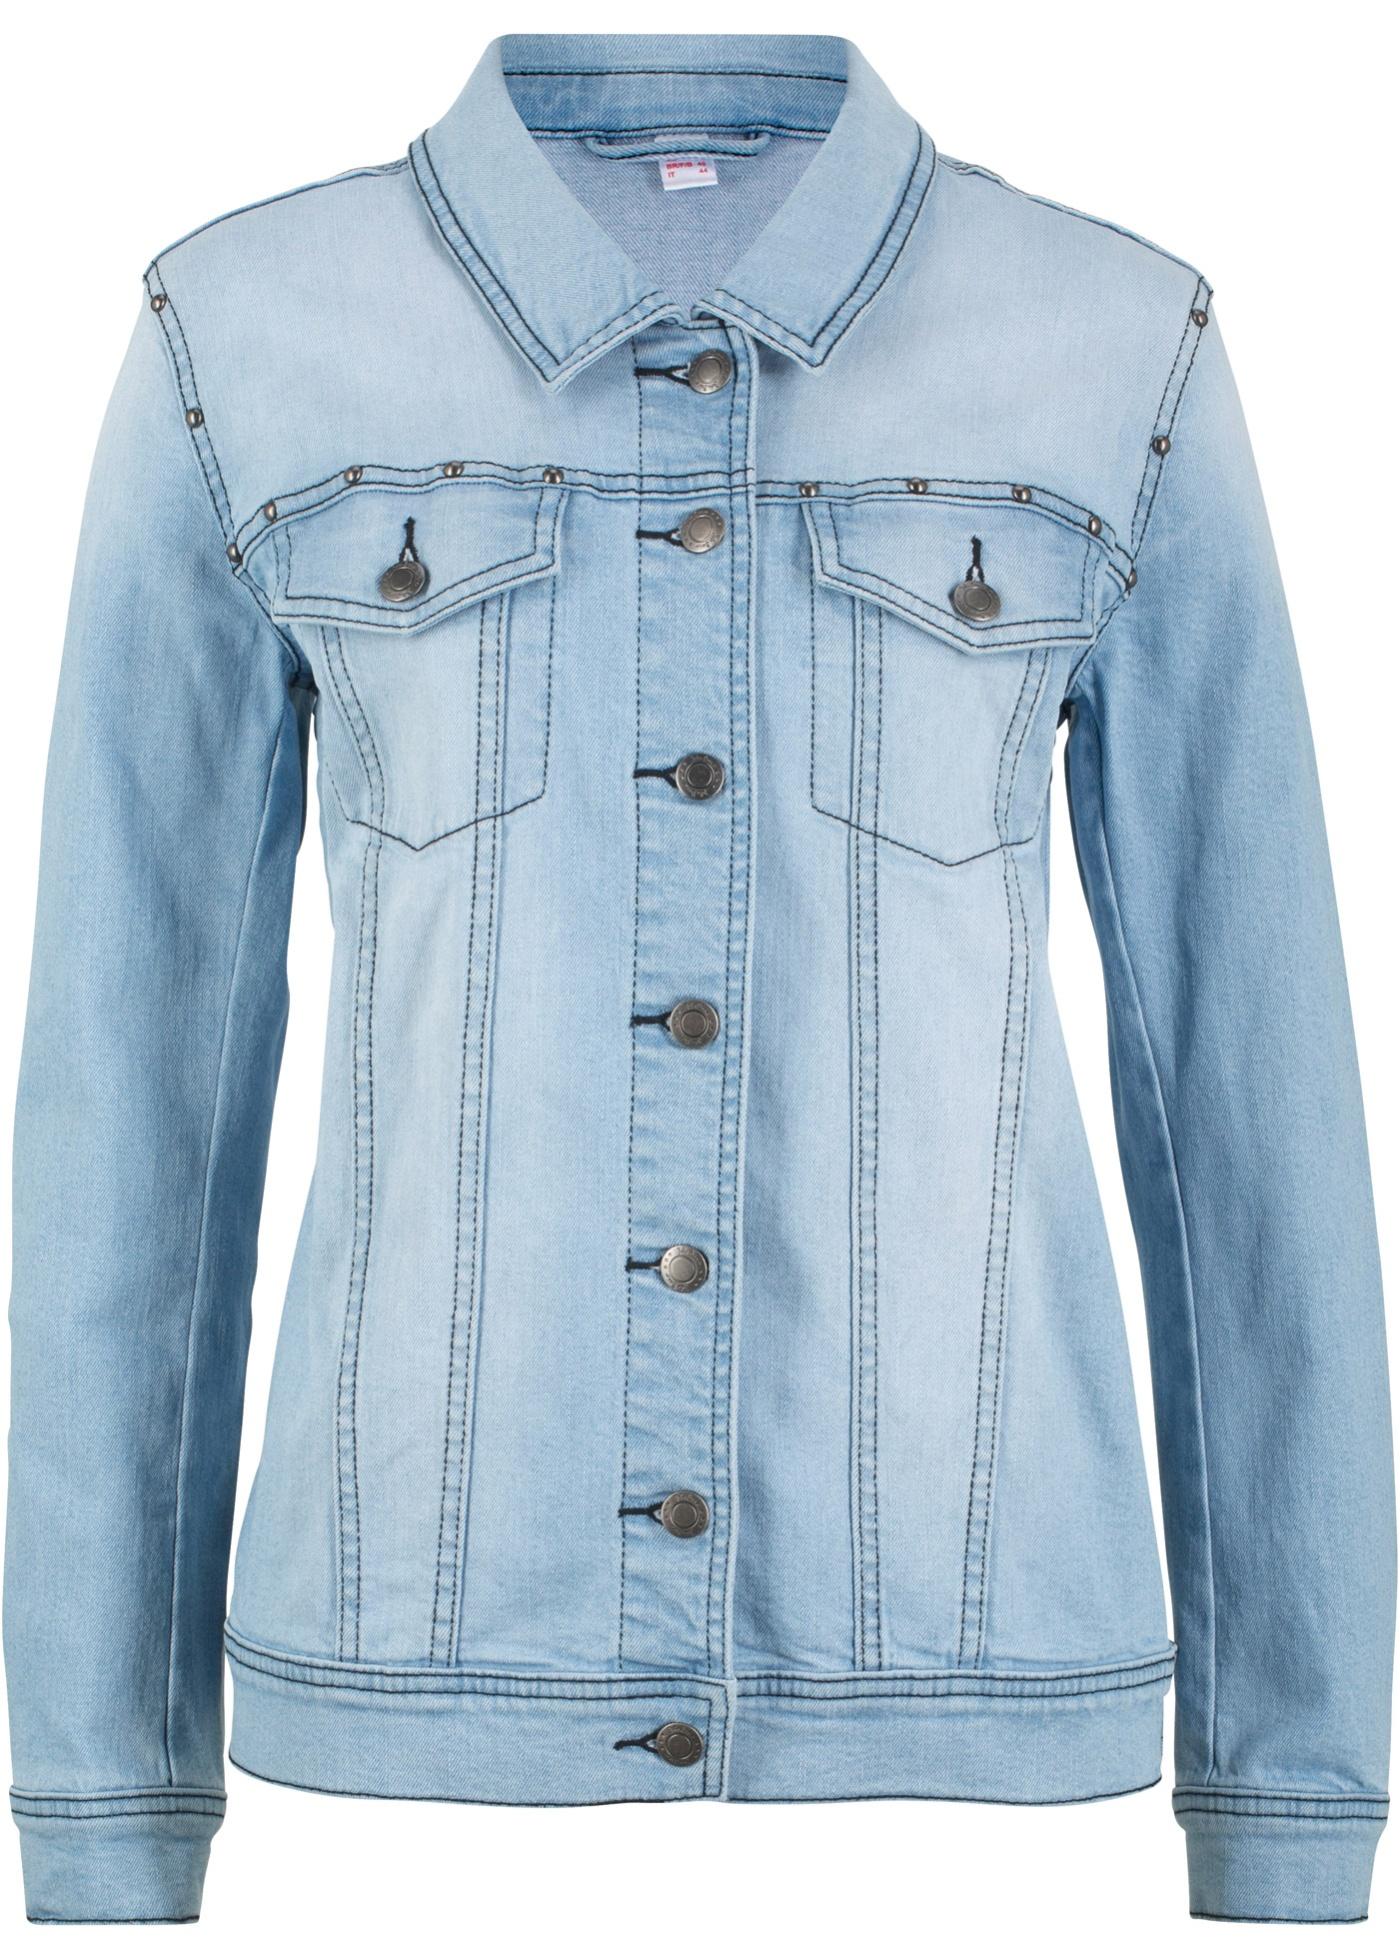 In Jeanswear Mouw Blauw Spijkerjasje Baner John Dames Lange e9YD2IbWEH